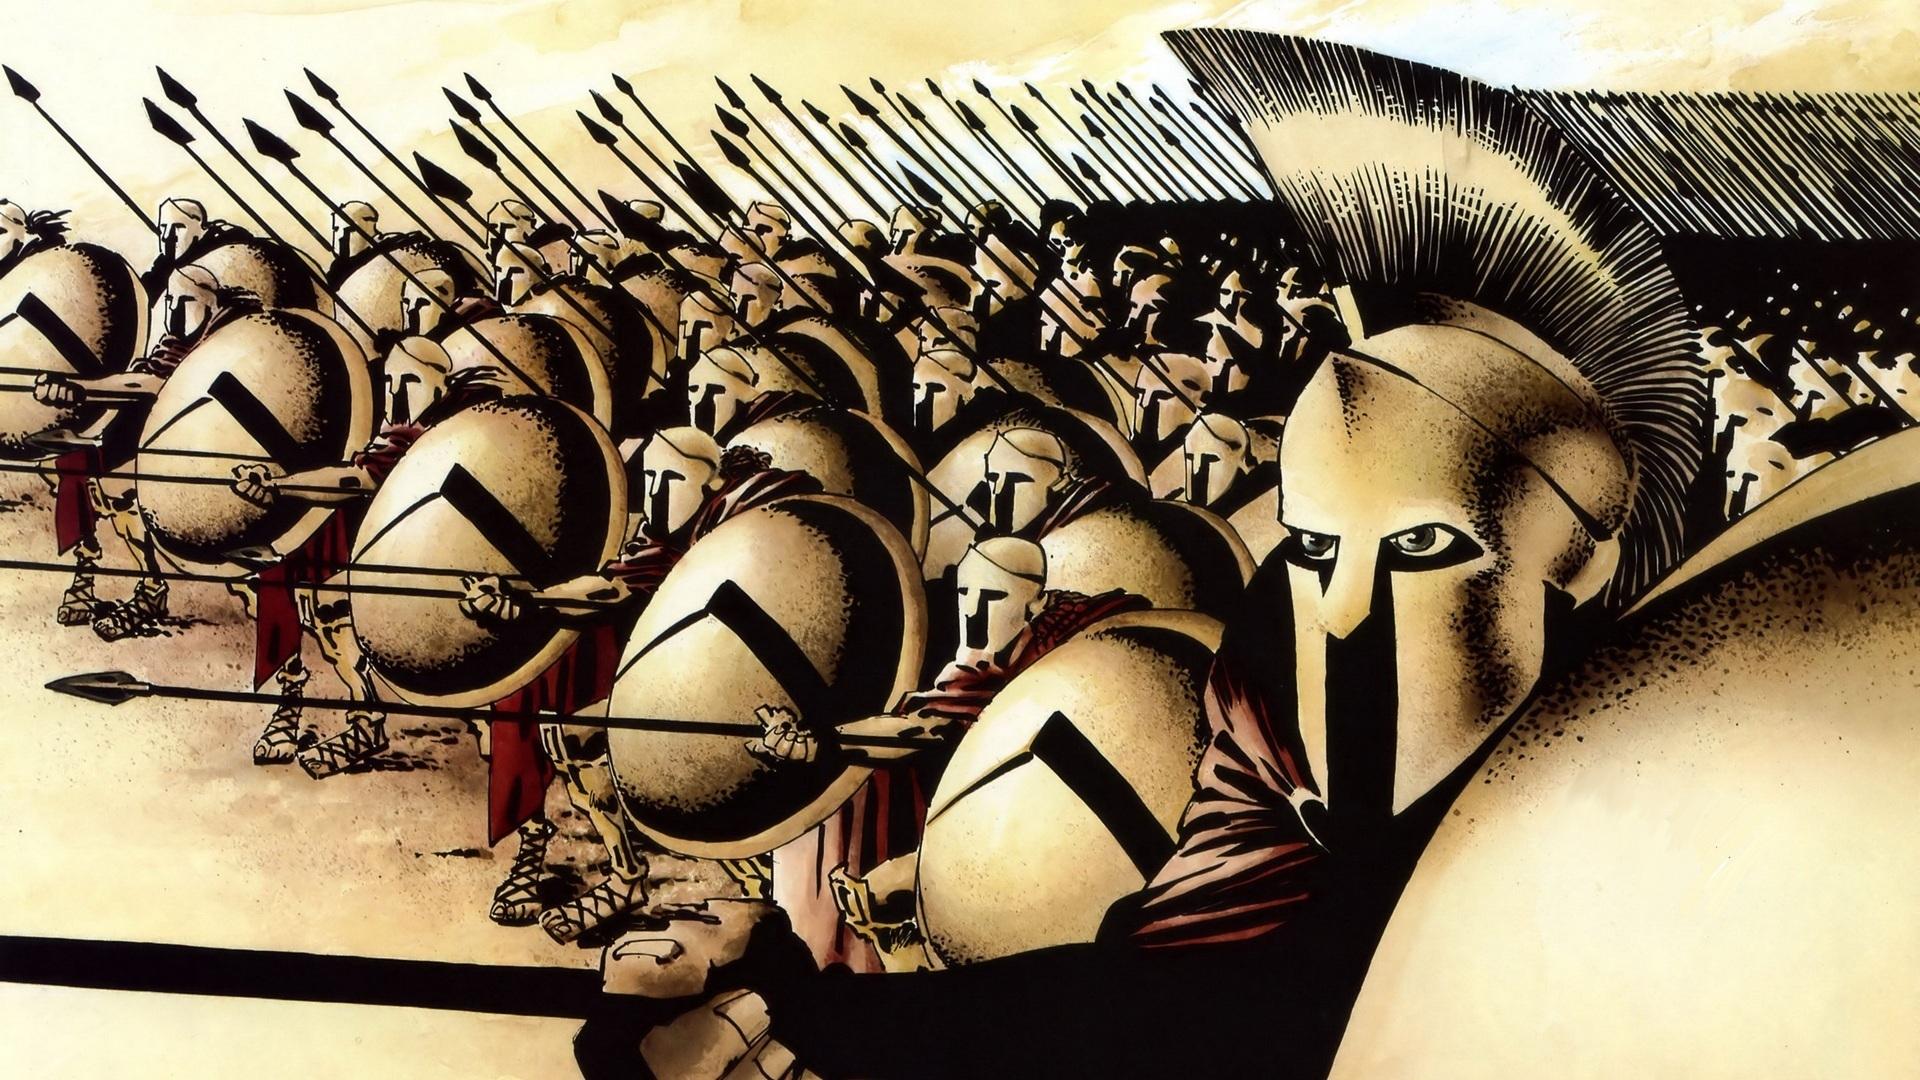 Leonidas And His Spartans 300 Comics Hd Wallpaper